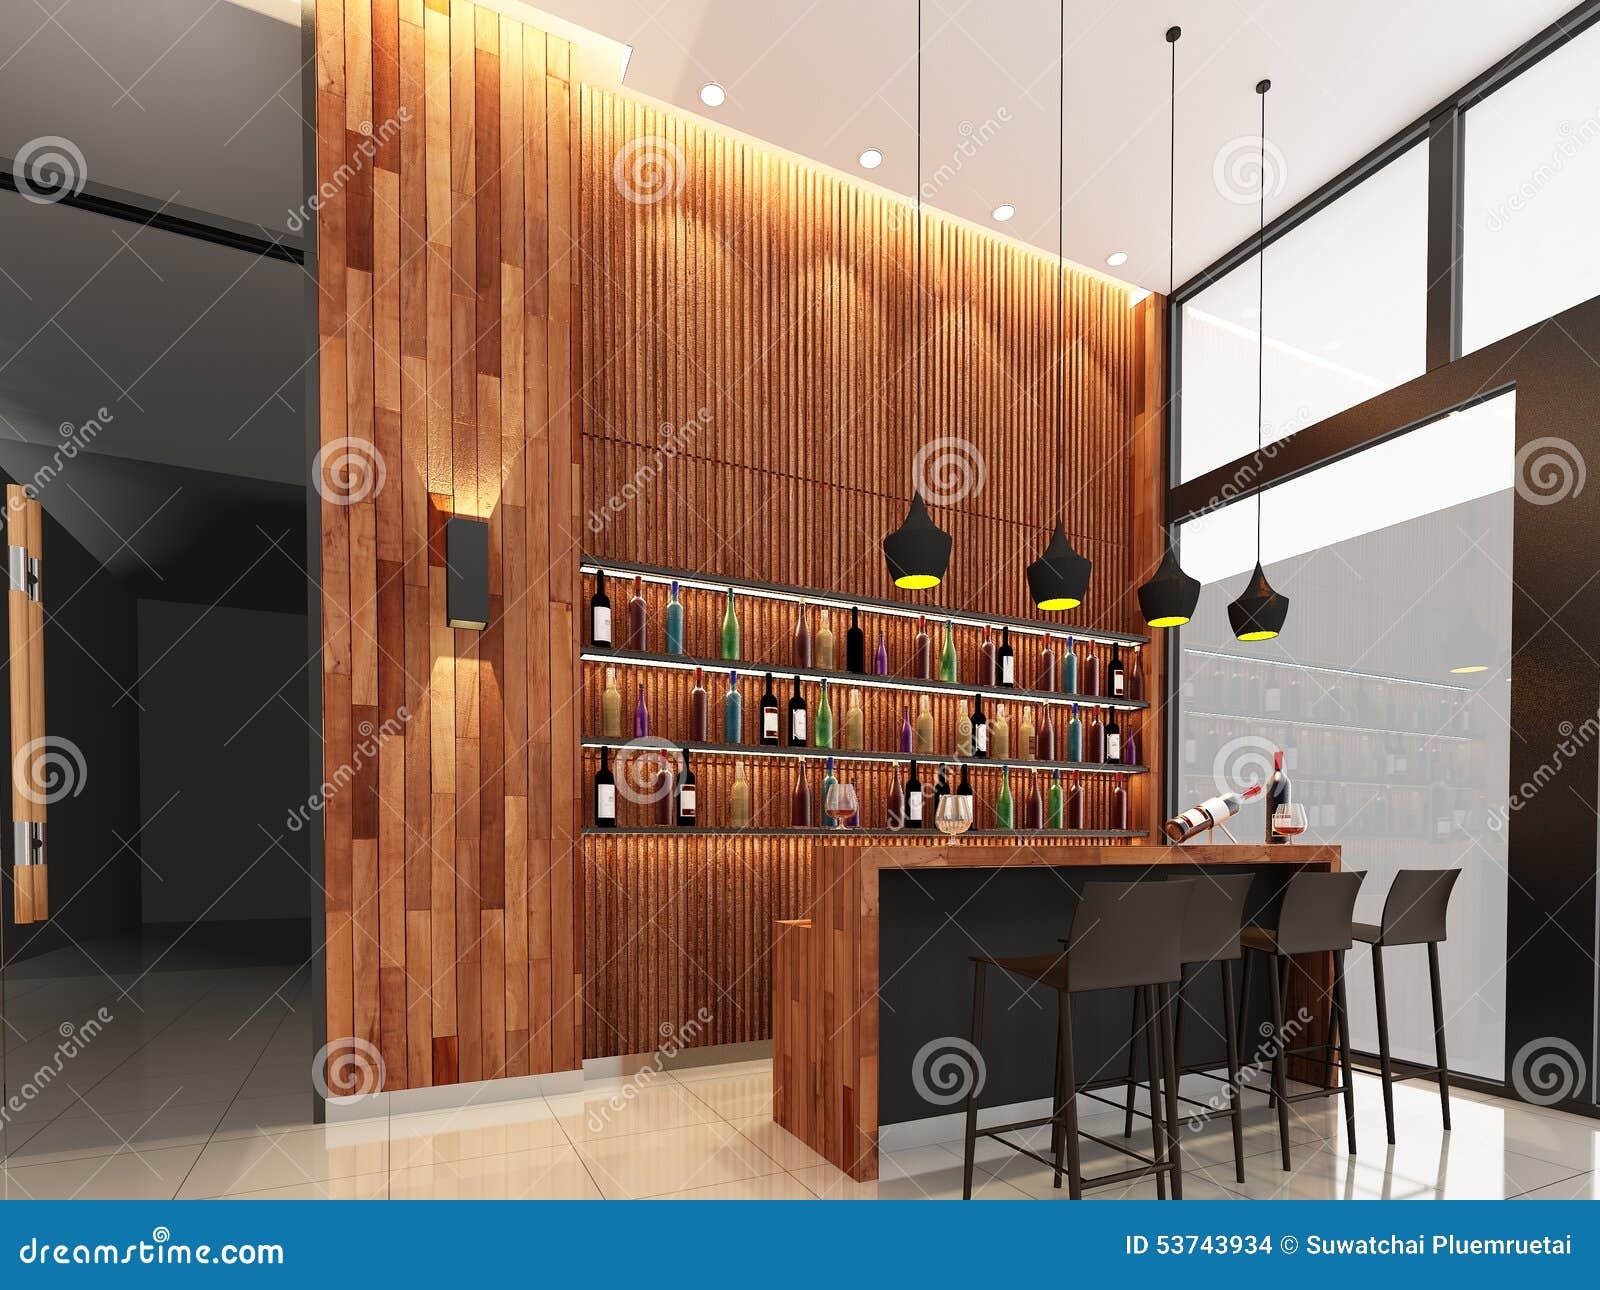 3d Render Of Counter Bar